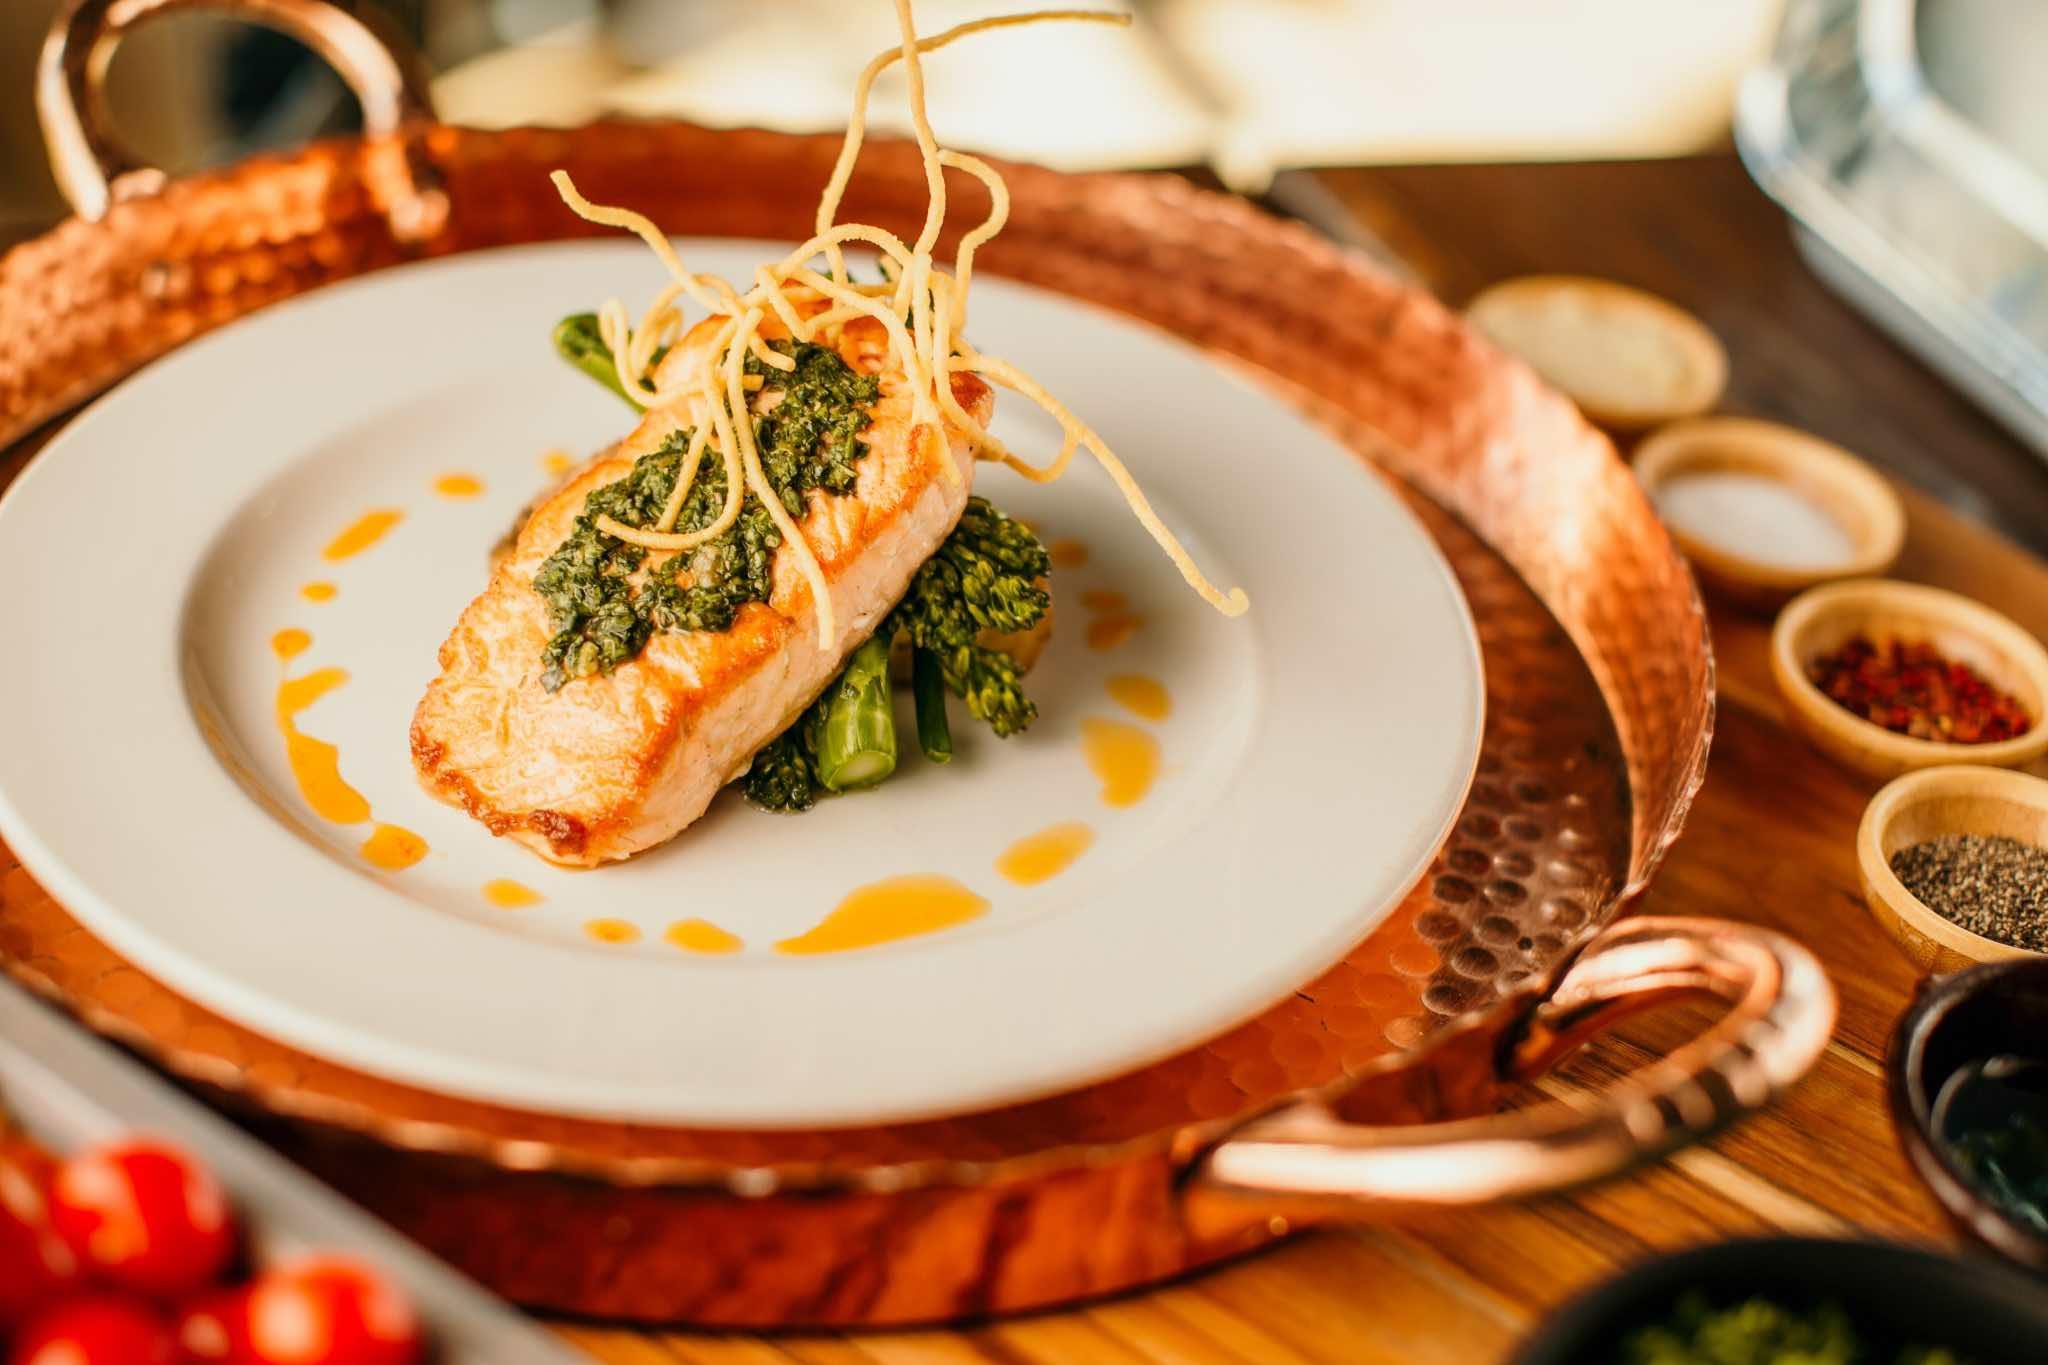 Oakville restaurants Ritorno salmon seafood dish